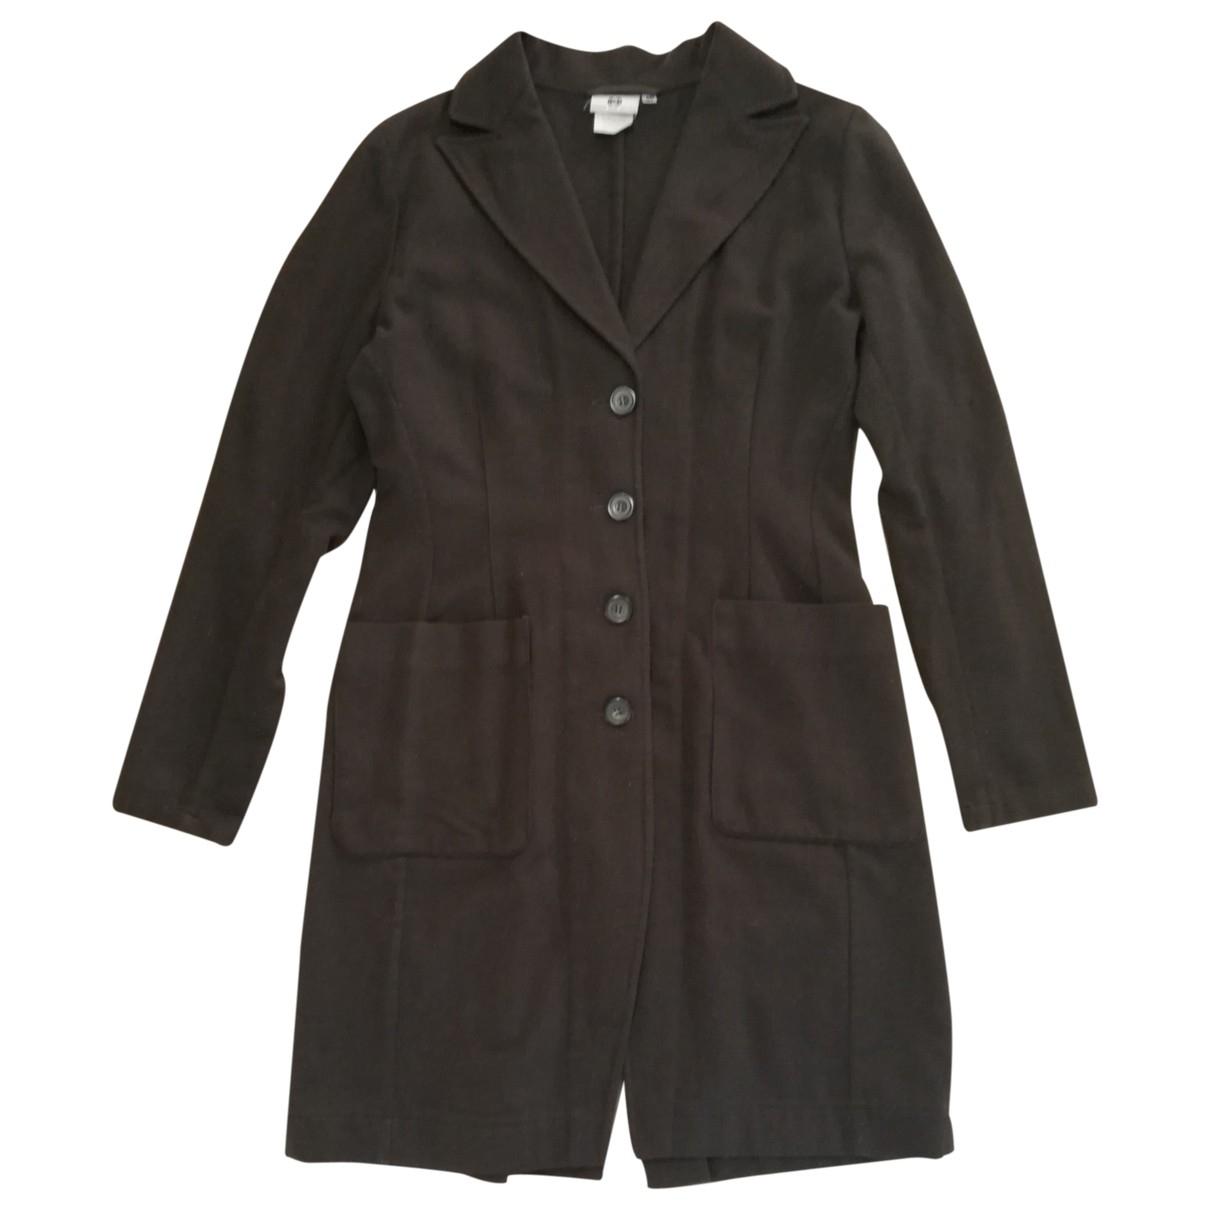 Dries Van Noten - Veste   pour femme en laine - marron